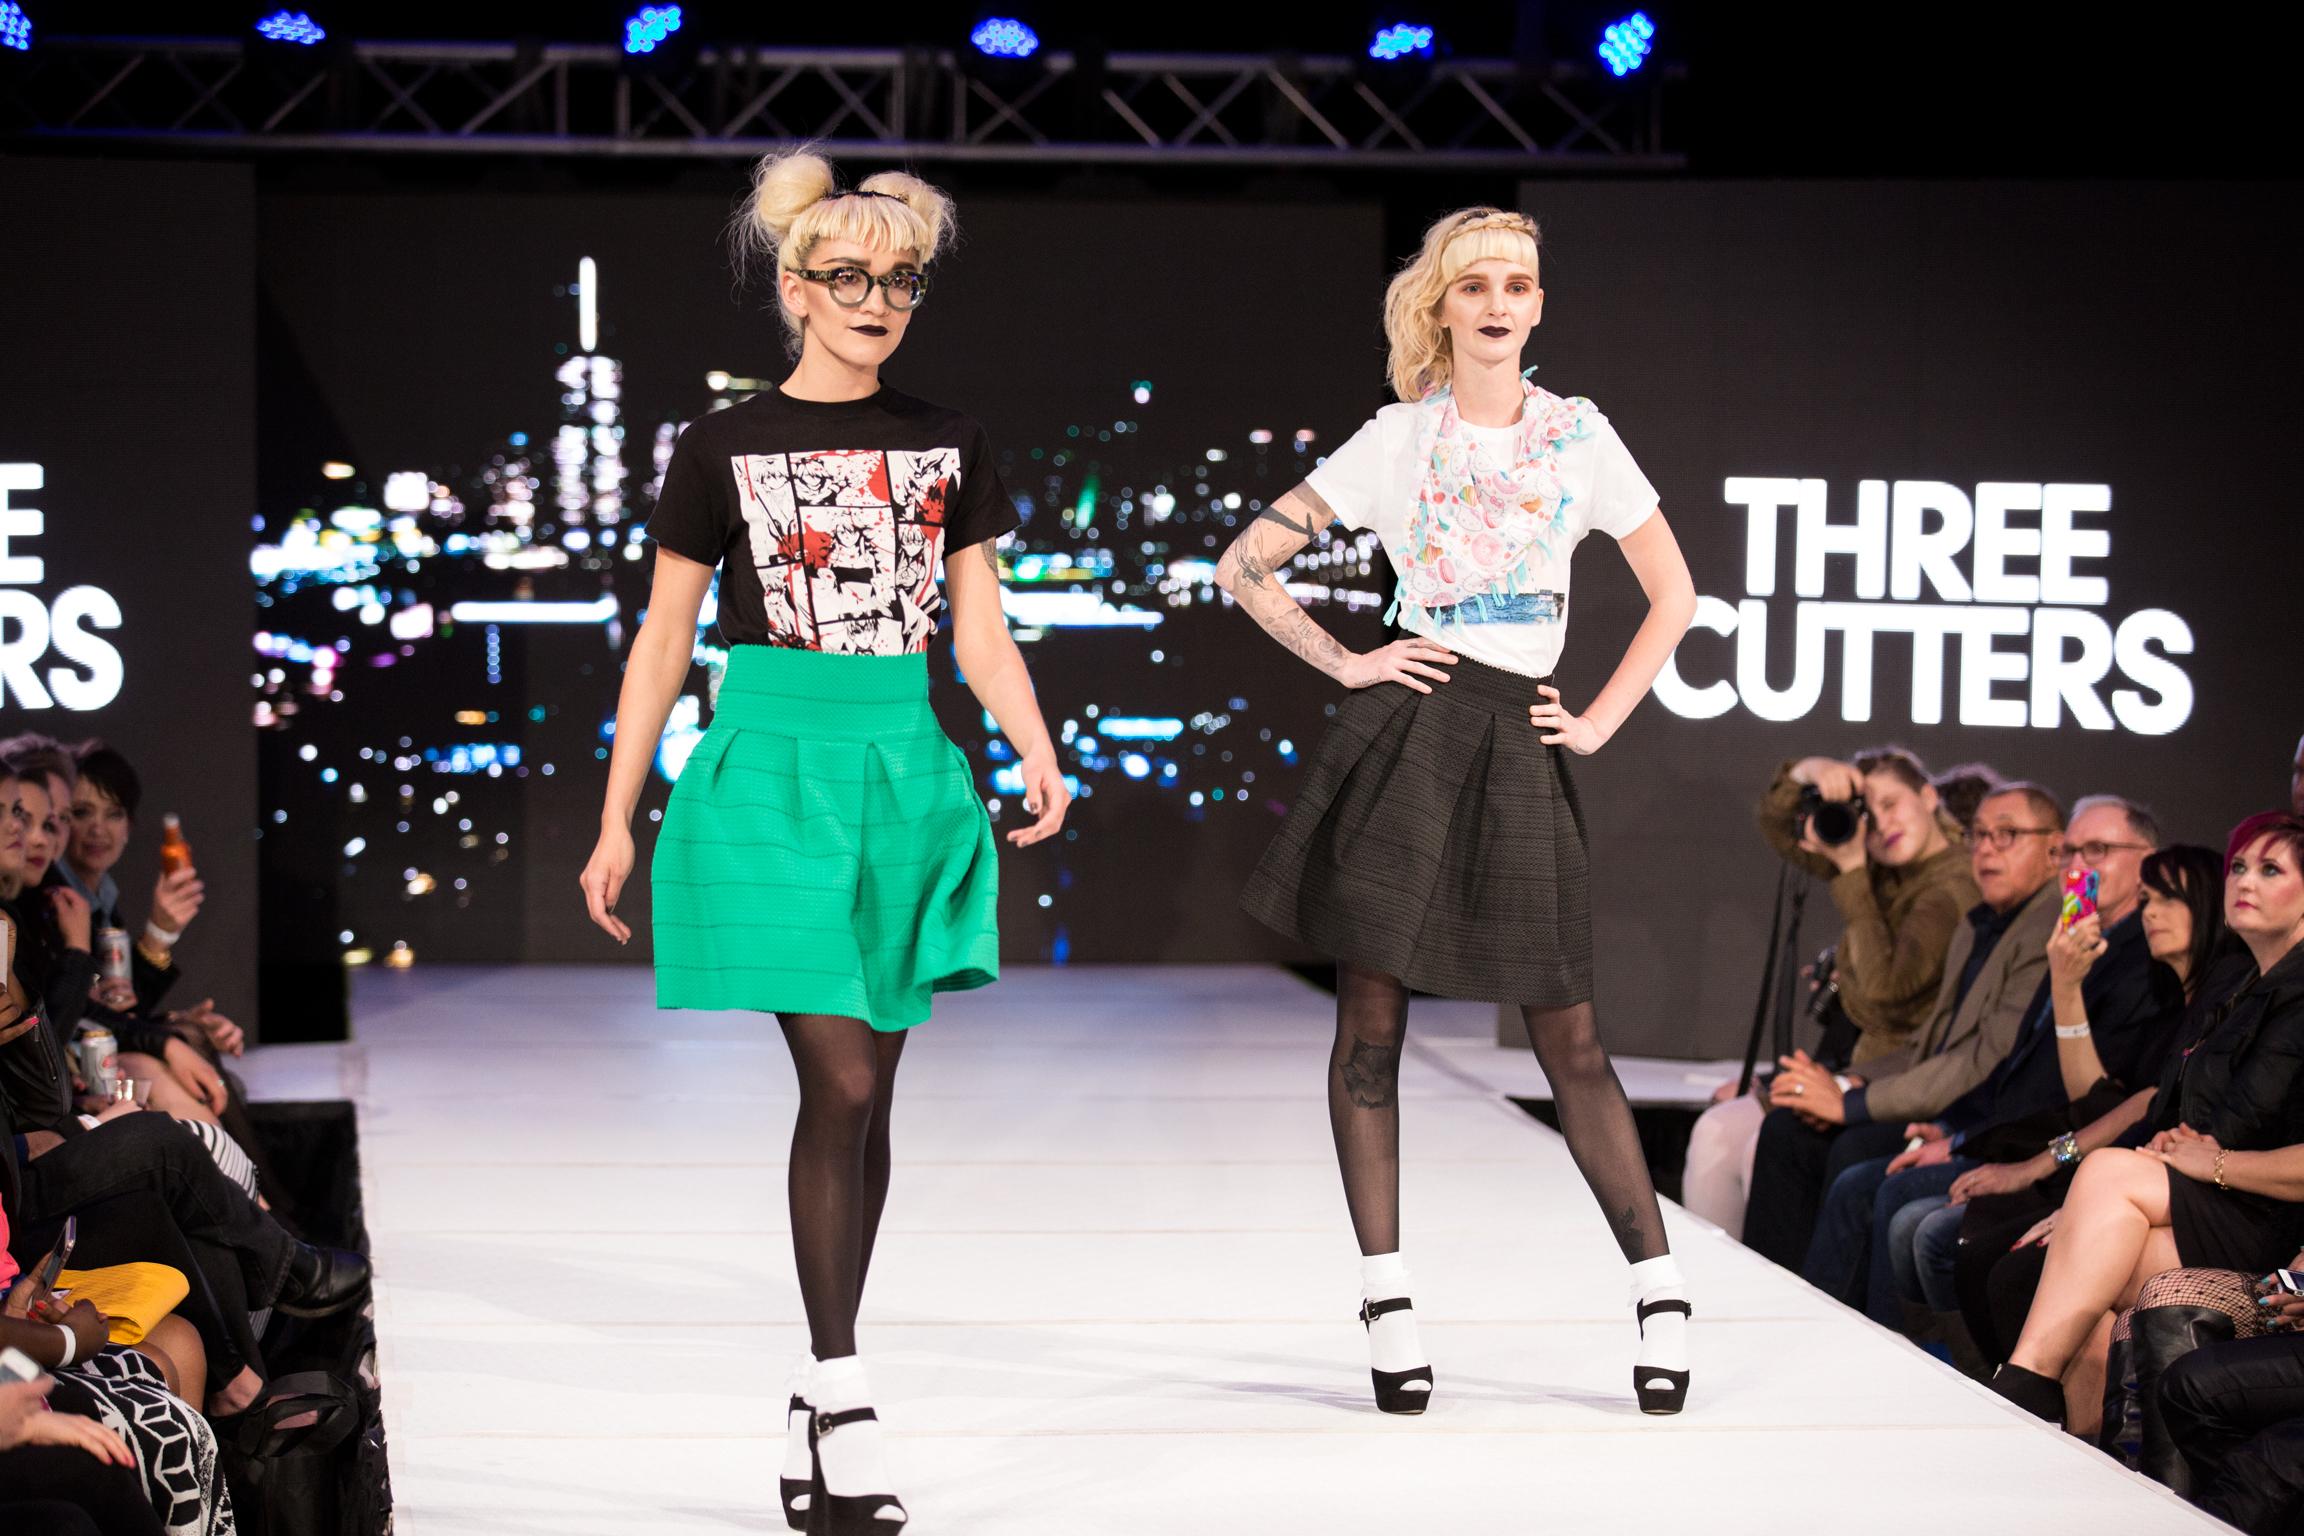 Denver Fashion Week Day 4  Three Cutters - 008.jpg